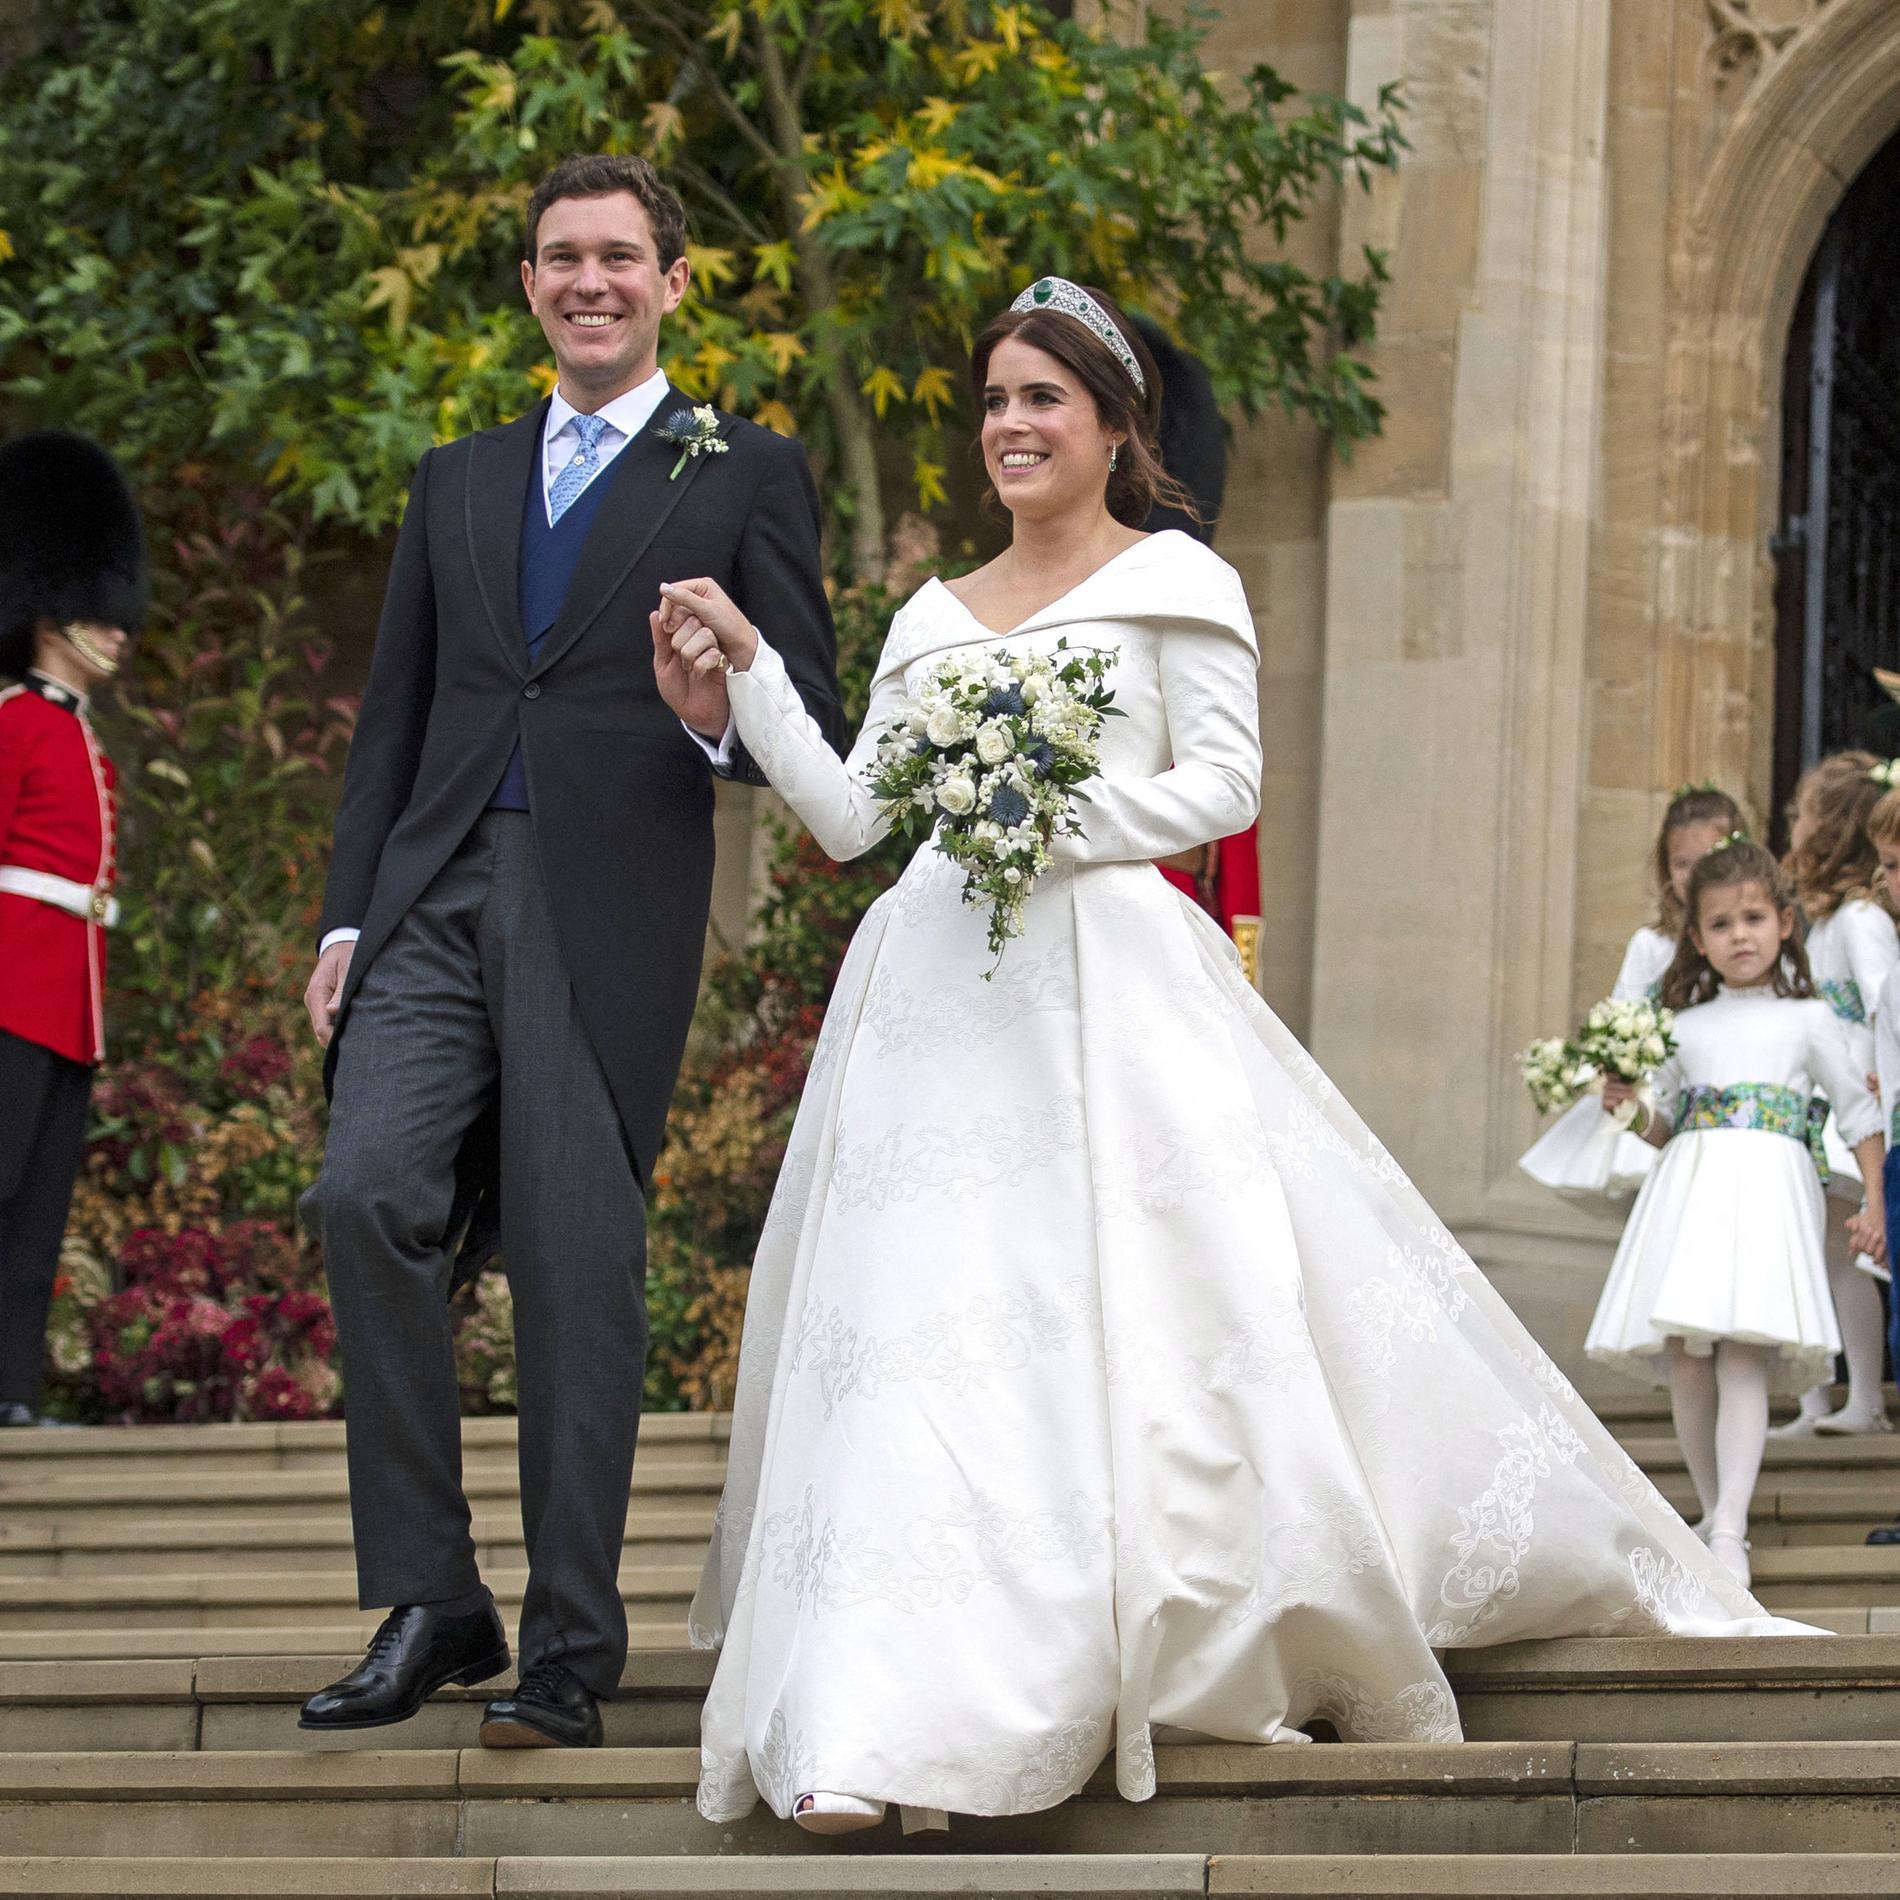 La princesse Eugenie est enceinte, annonce Buckingham